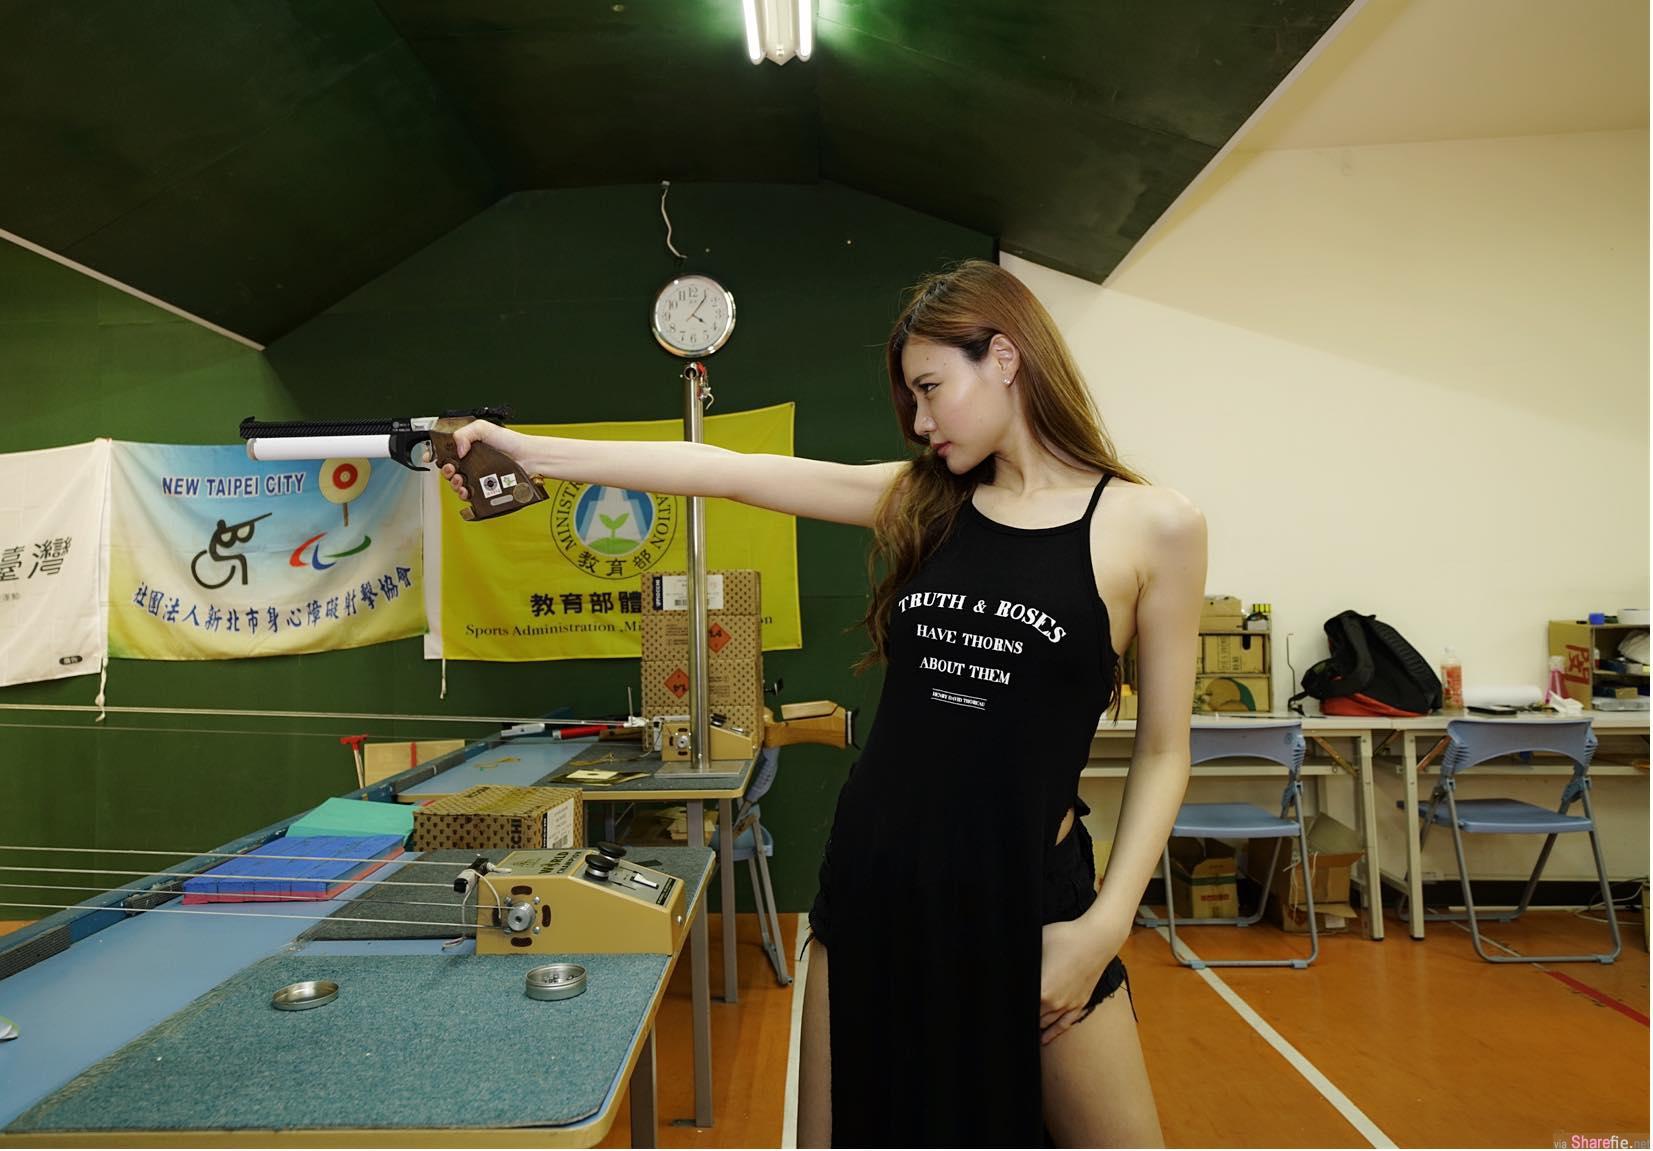 洋娃娃女孩小立,拿着美腿当枪支 ,性感画面让网友也想试枪